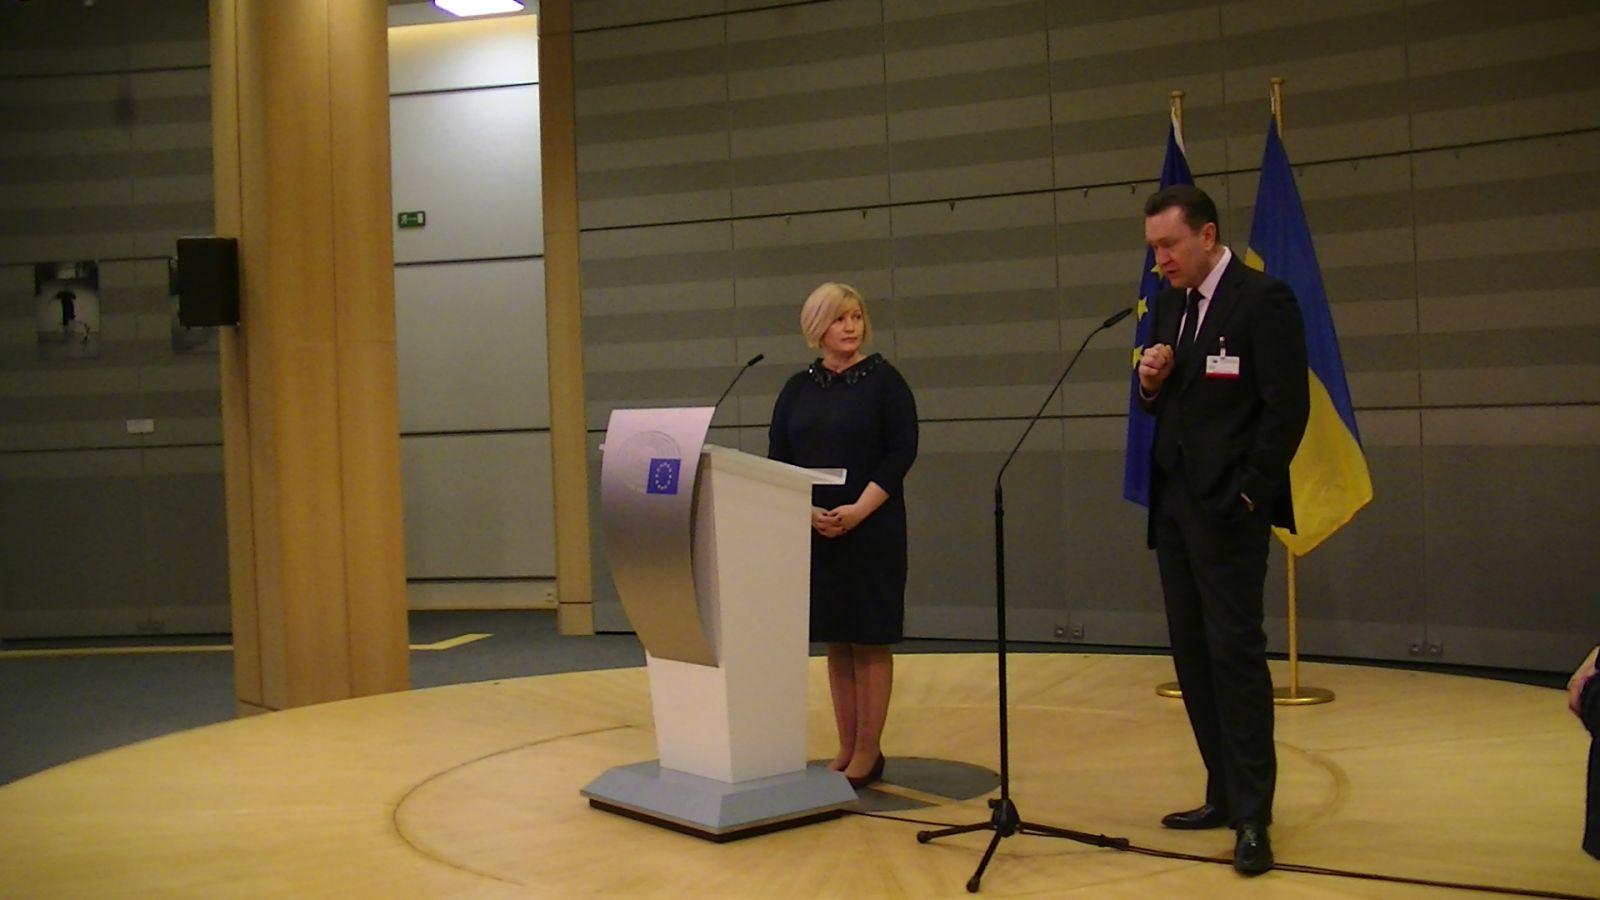 Презентация проекта «Переможці» в Европарламенте